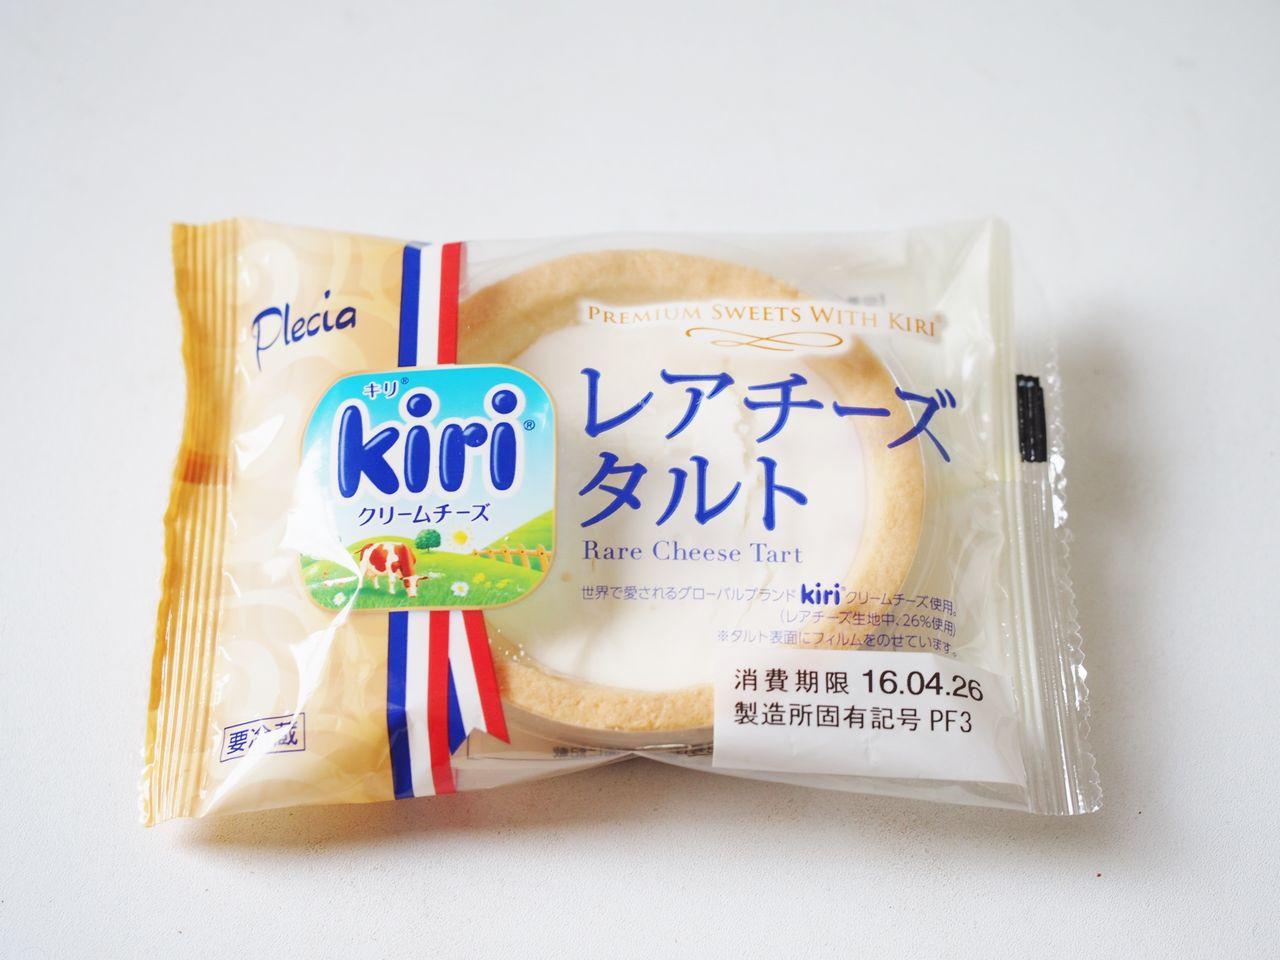 キリ クリーム チーズ カロリー